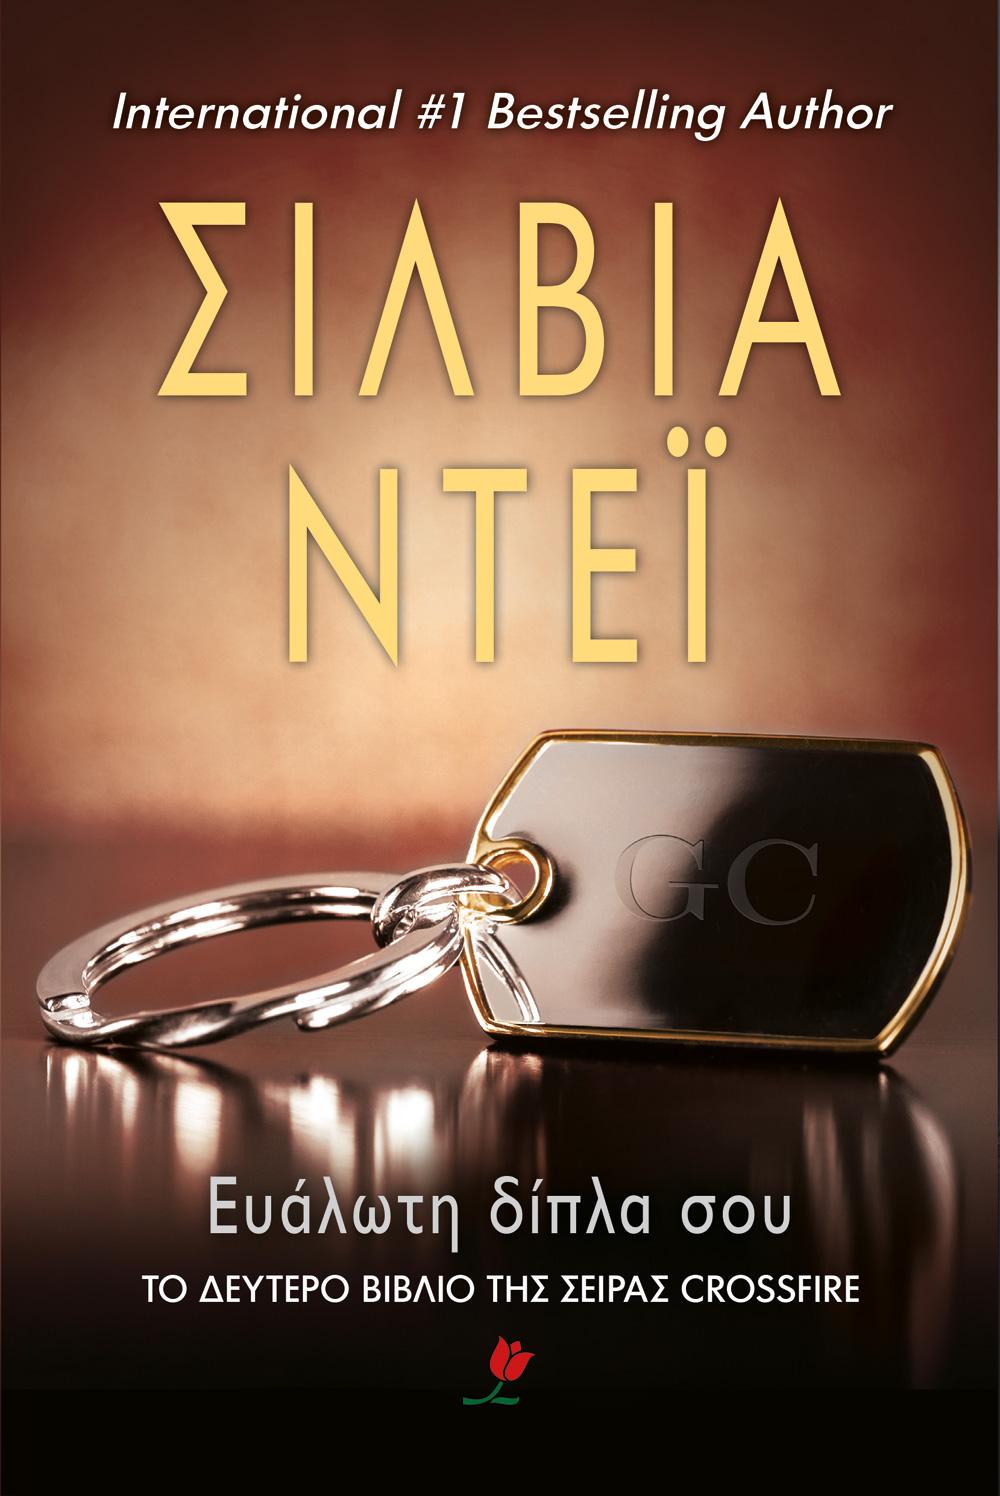 Ευάλωτη Δίπλα Σου της Σύλβια Ντέι bibliopoleio biblia jenh logotexnia